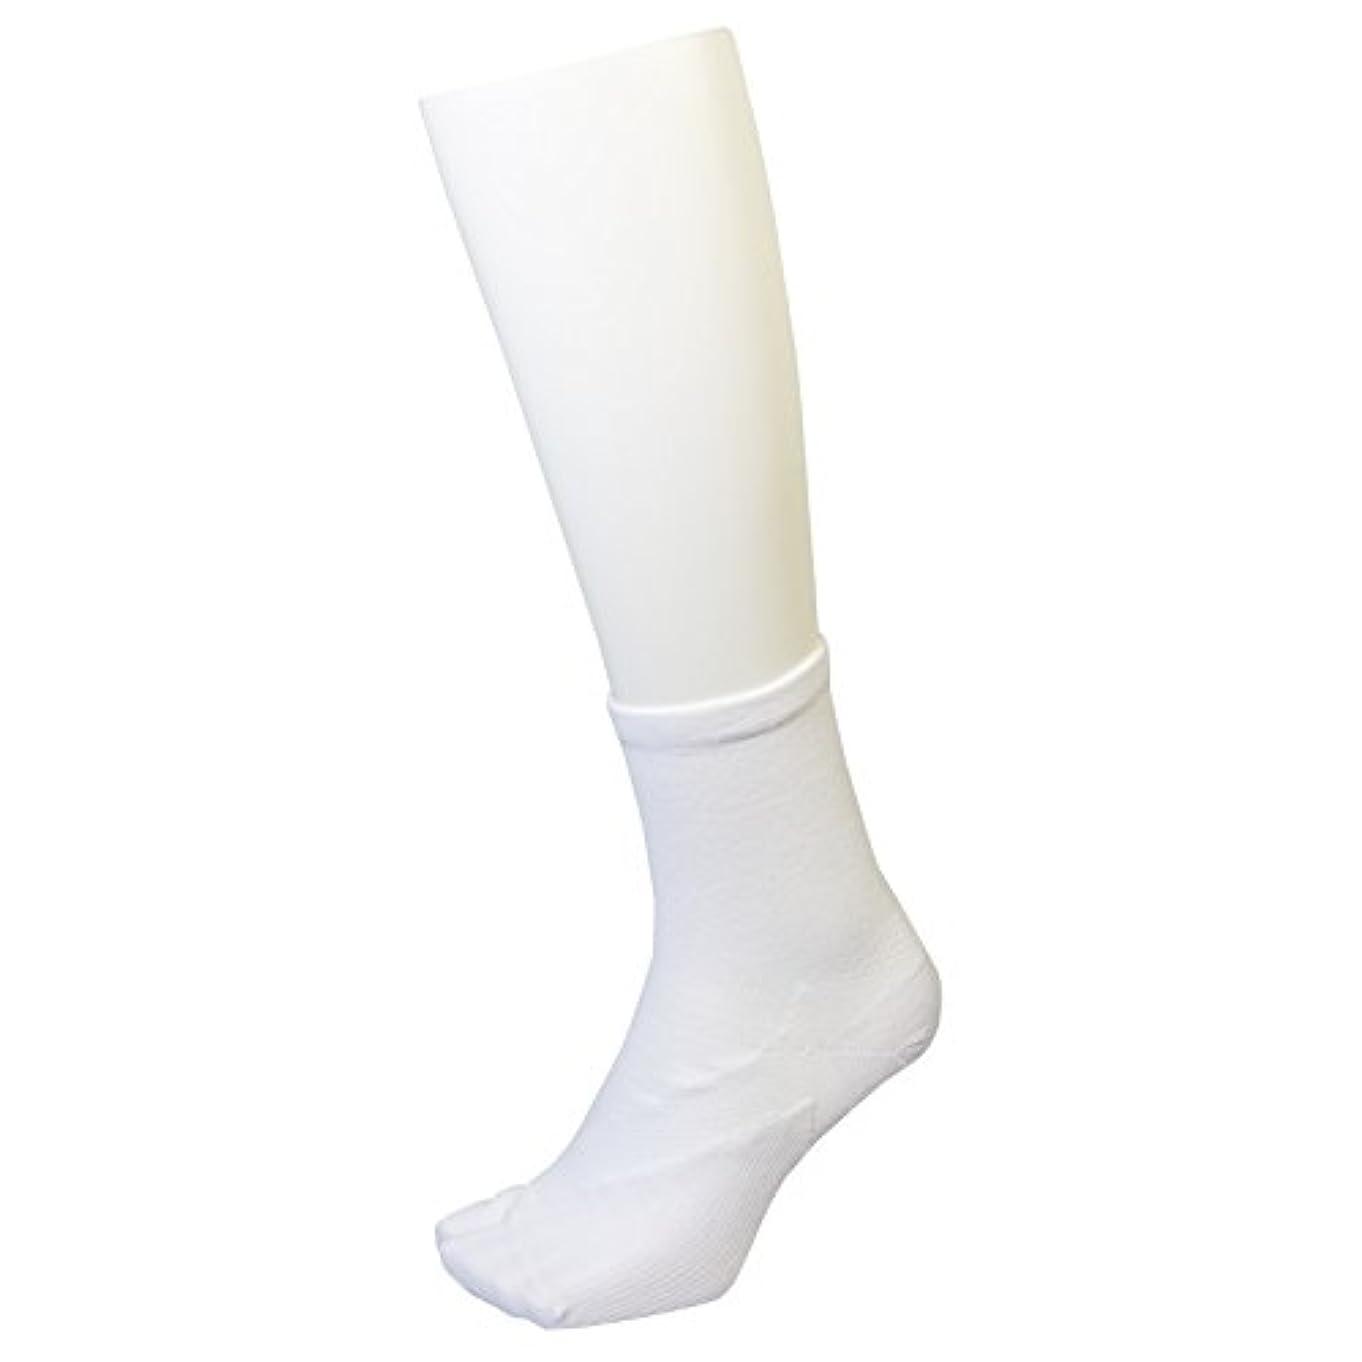 釈義放課後ほとんどないさとう式 フレクサーソックス クルー 白 (M) 足袋型